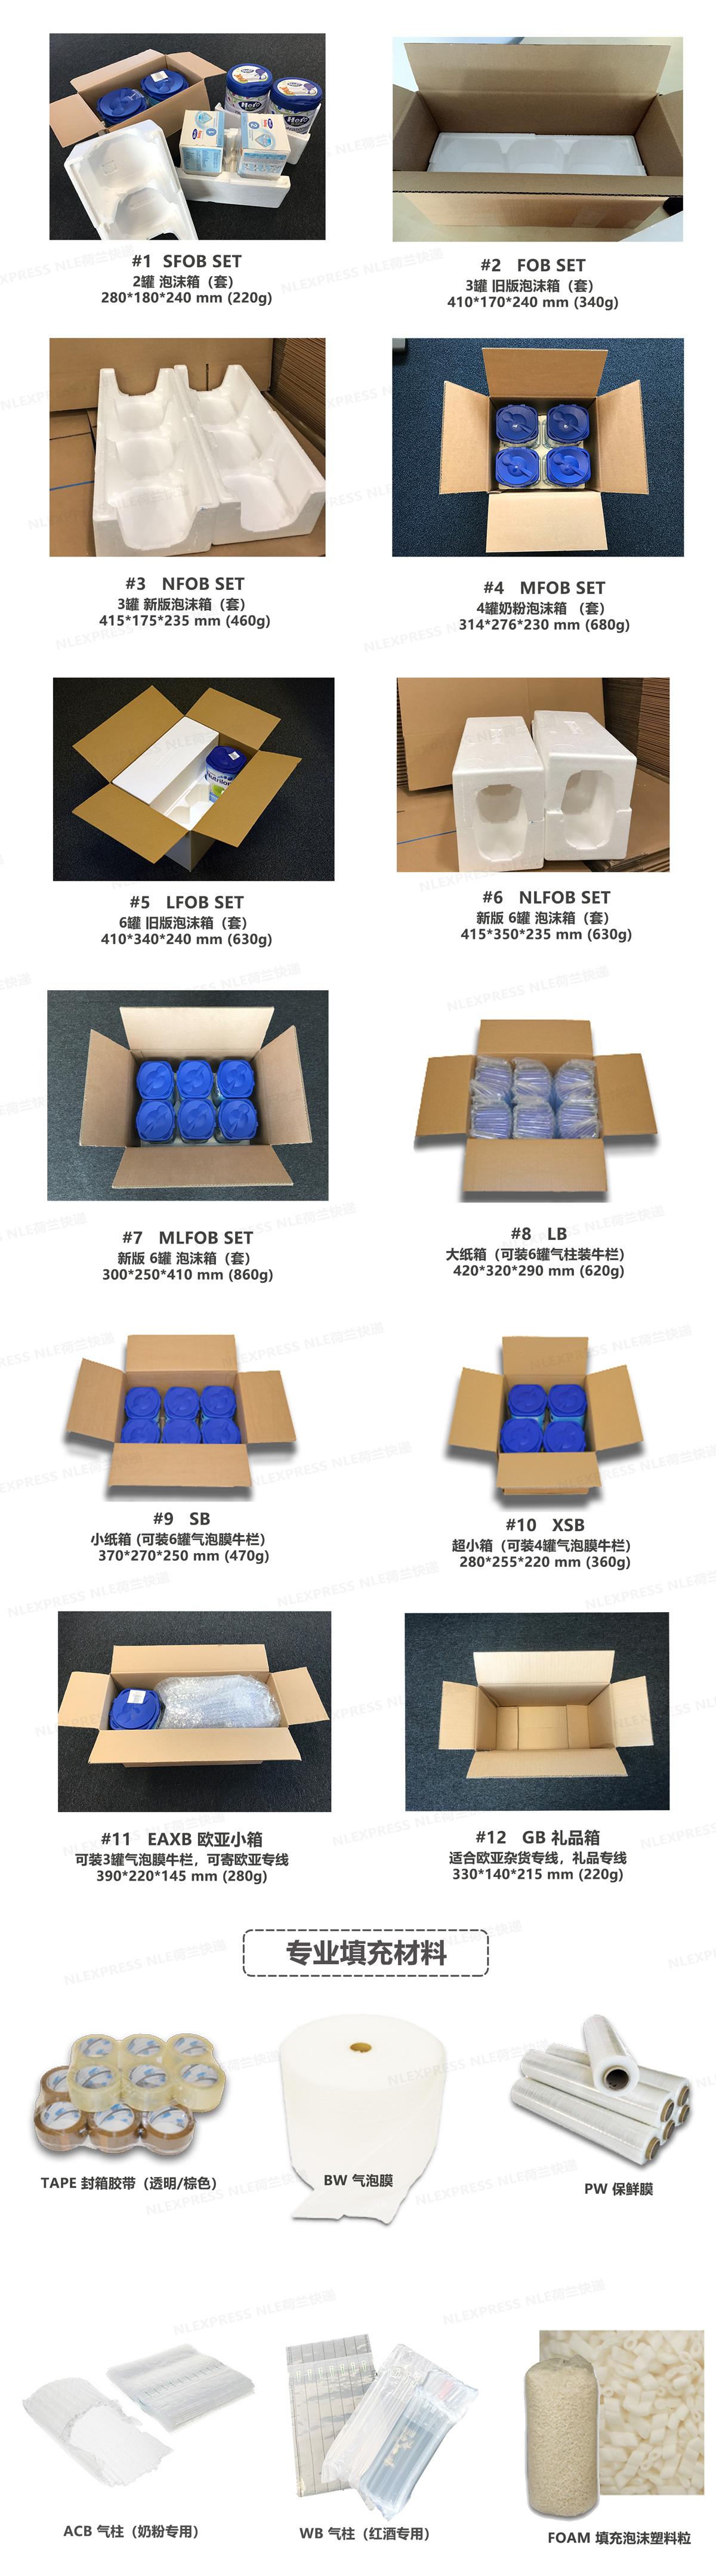 包装材料汇总照片2019-05